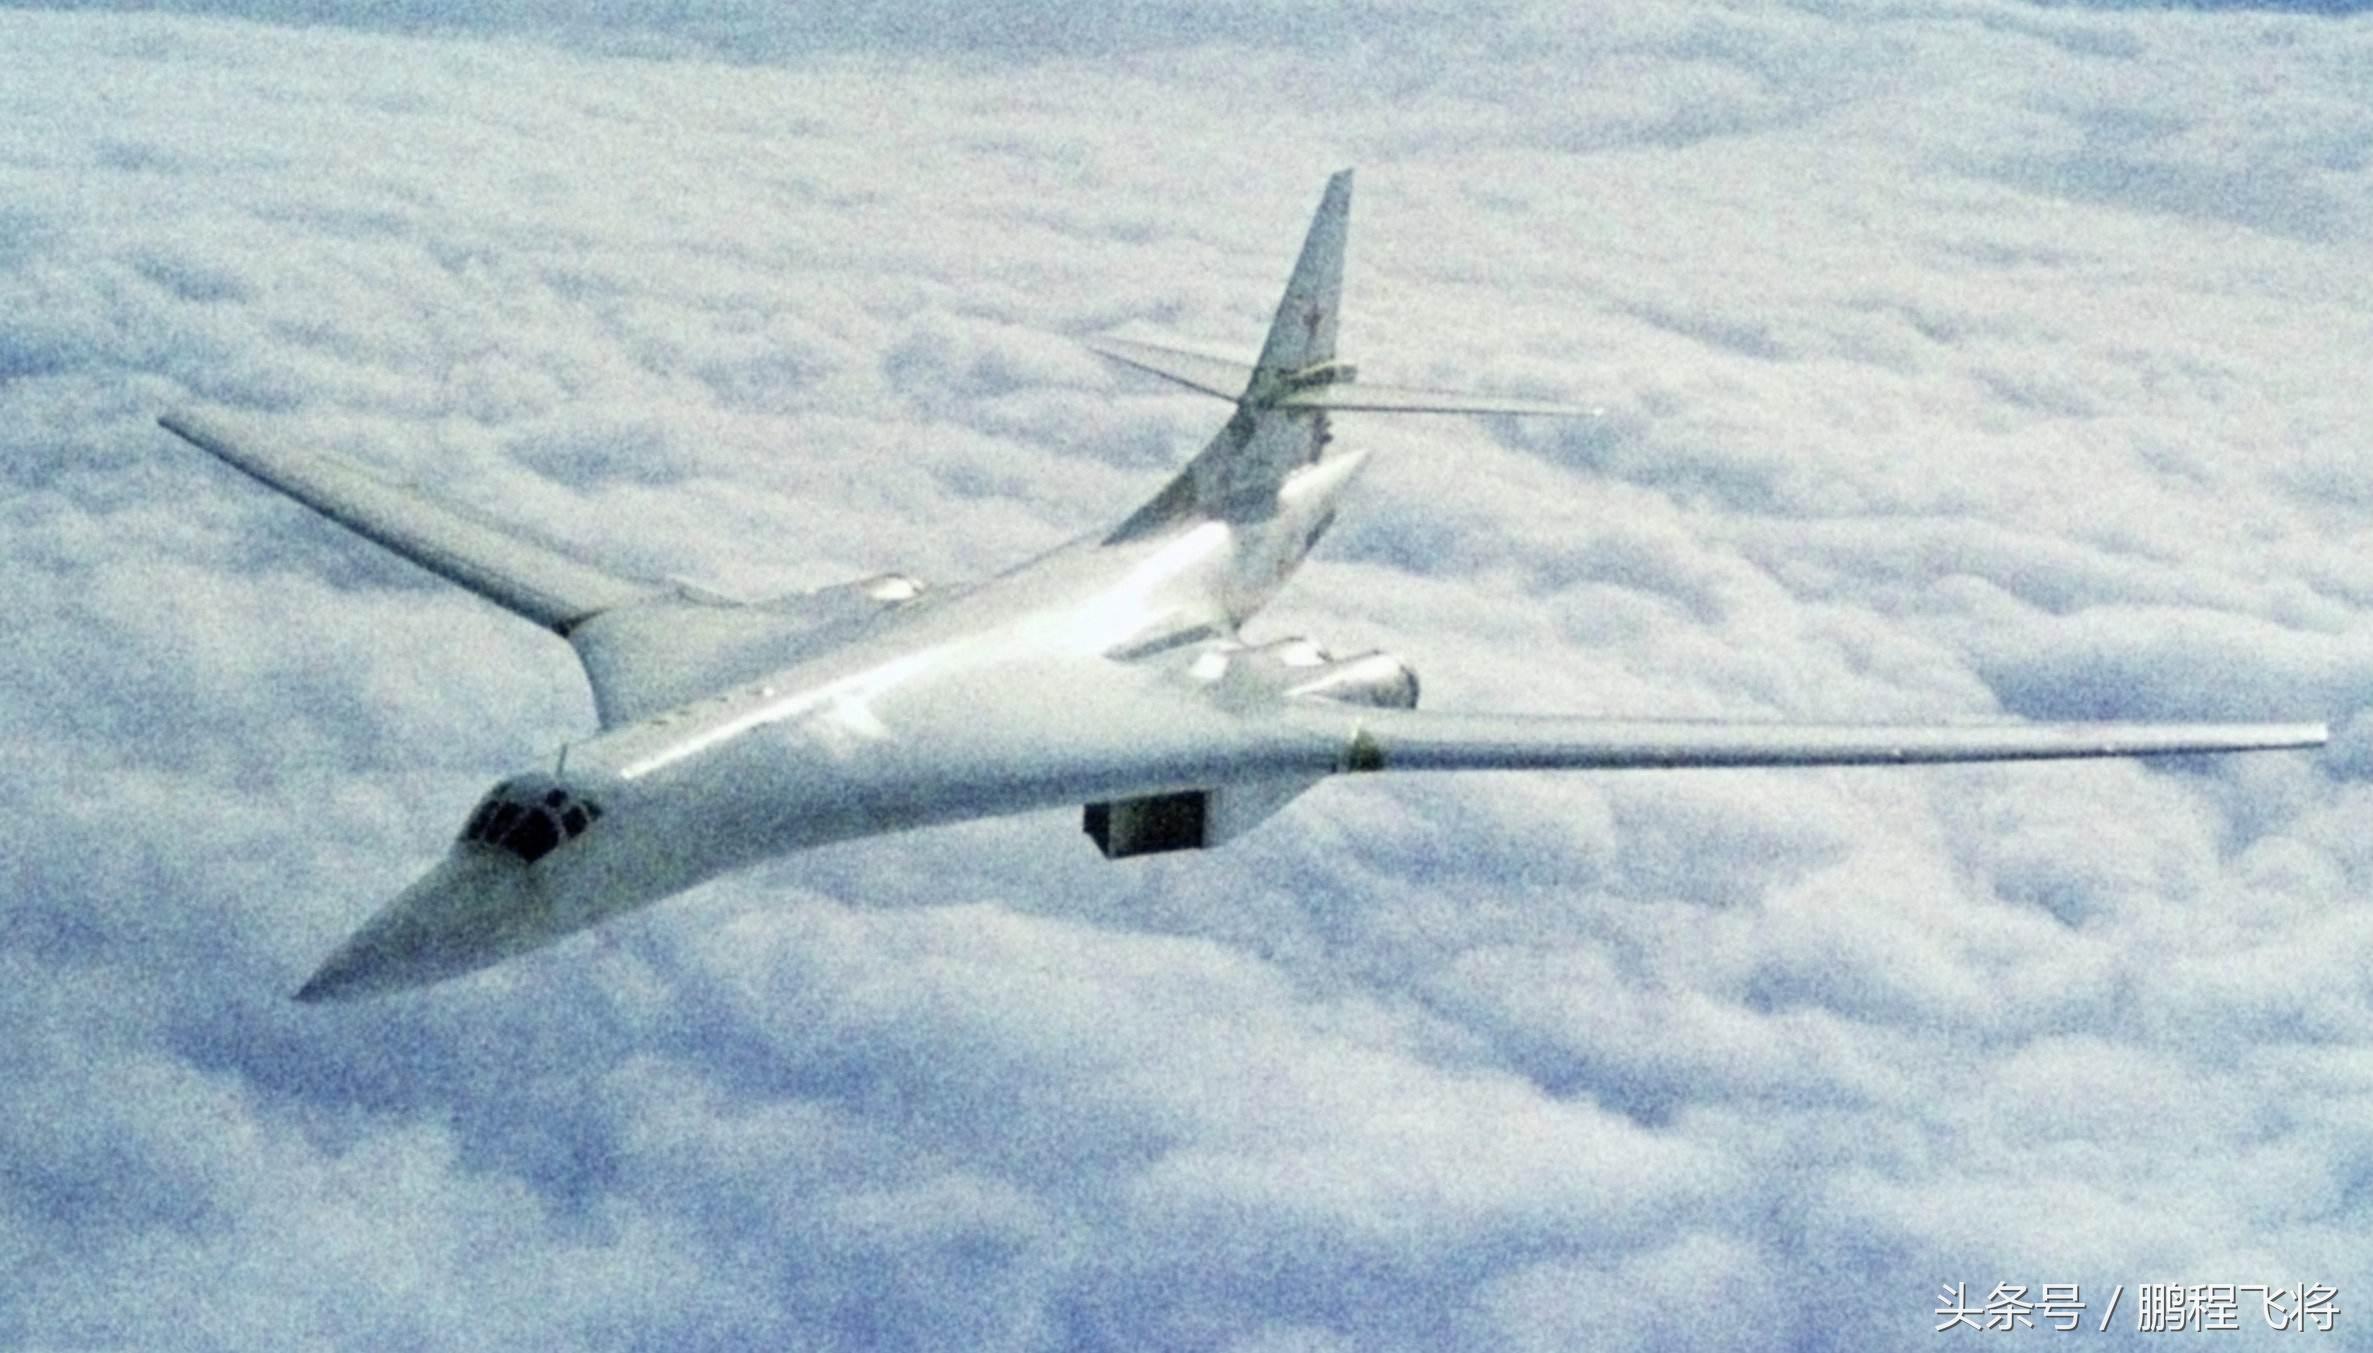 乌克兰1500万销毁轰炸机,俄民众却哭了:苏联再也回不去了!_搜狐军事_搜狐网